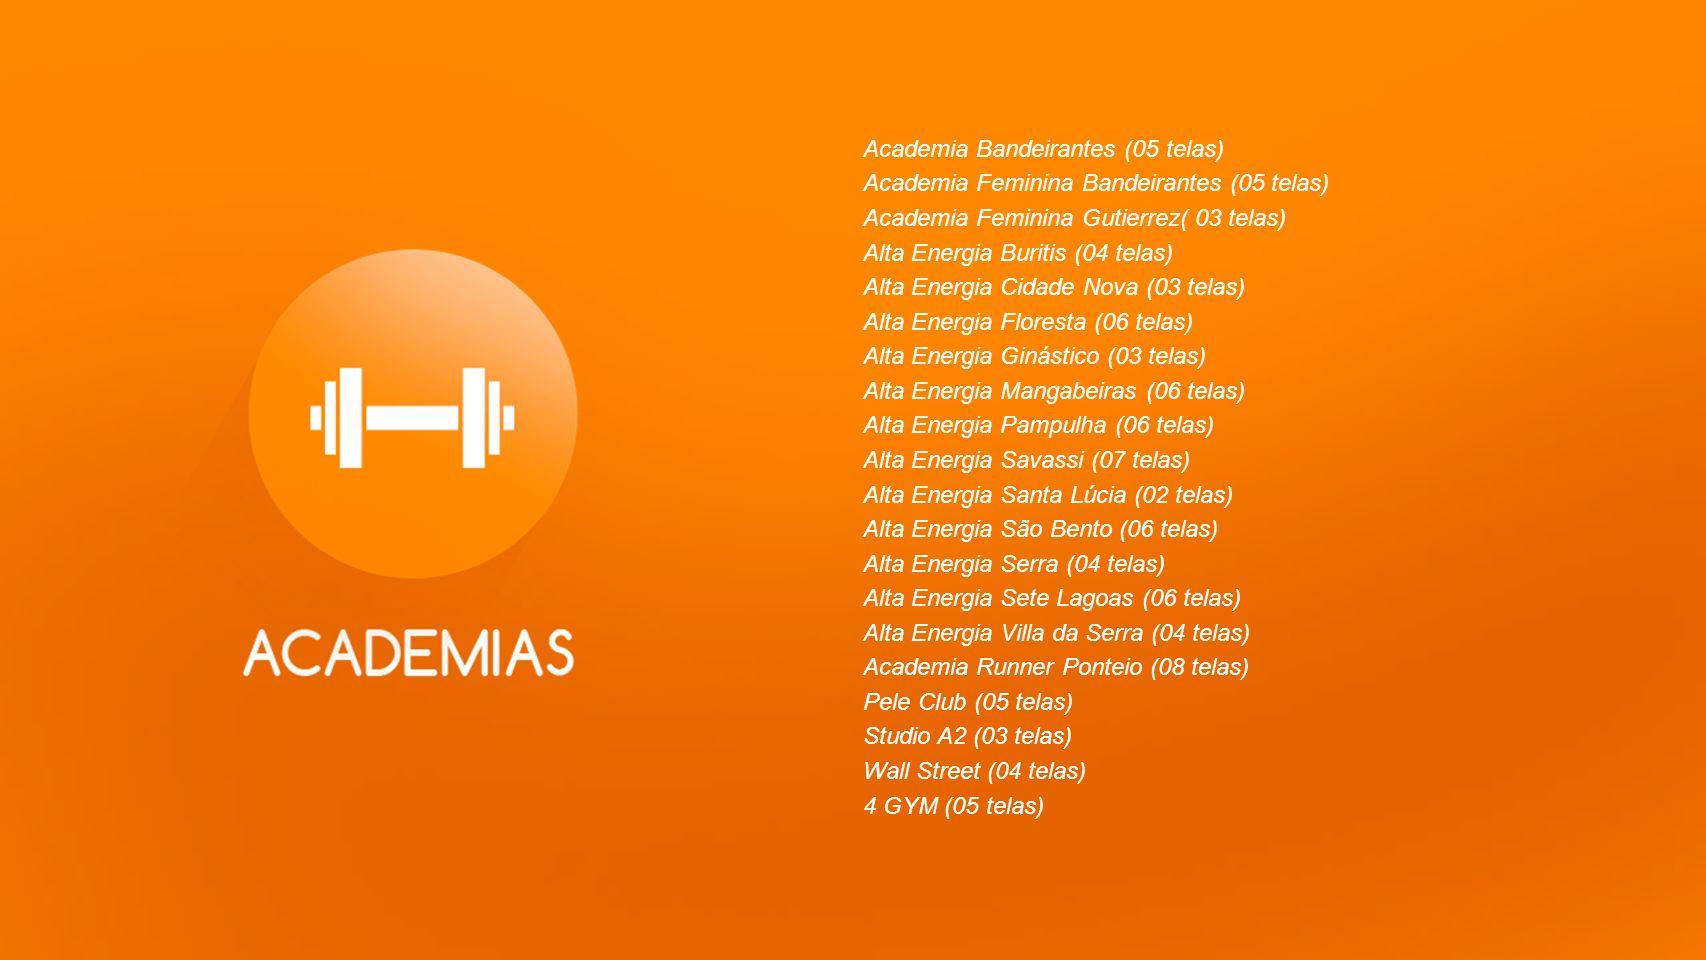 Academia Bandeirantes (05 telas) Academia Feminina Bandeirantes (05 telas) Academia Feminina Gutierrez( 03 telas) Alta Energia Buritis (04 telas) Alta